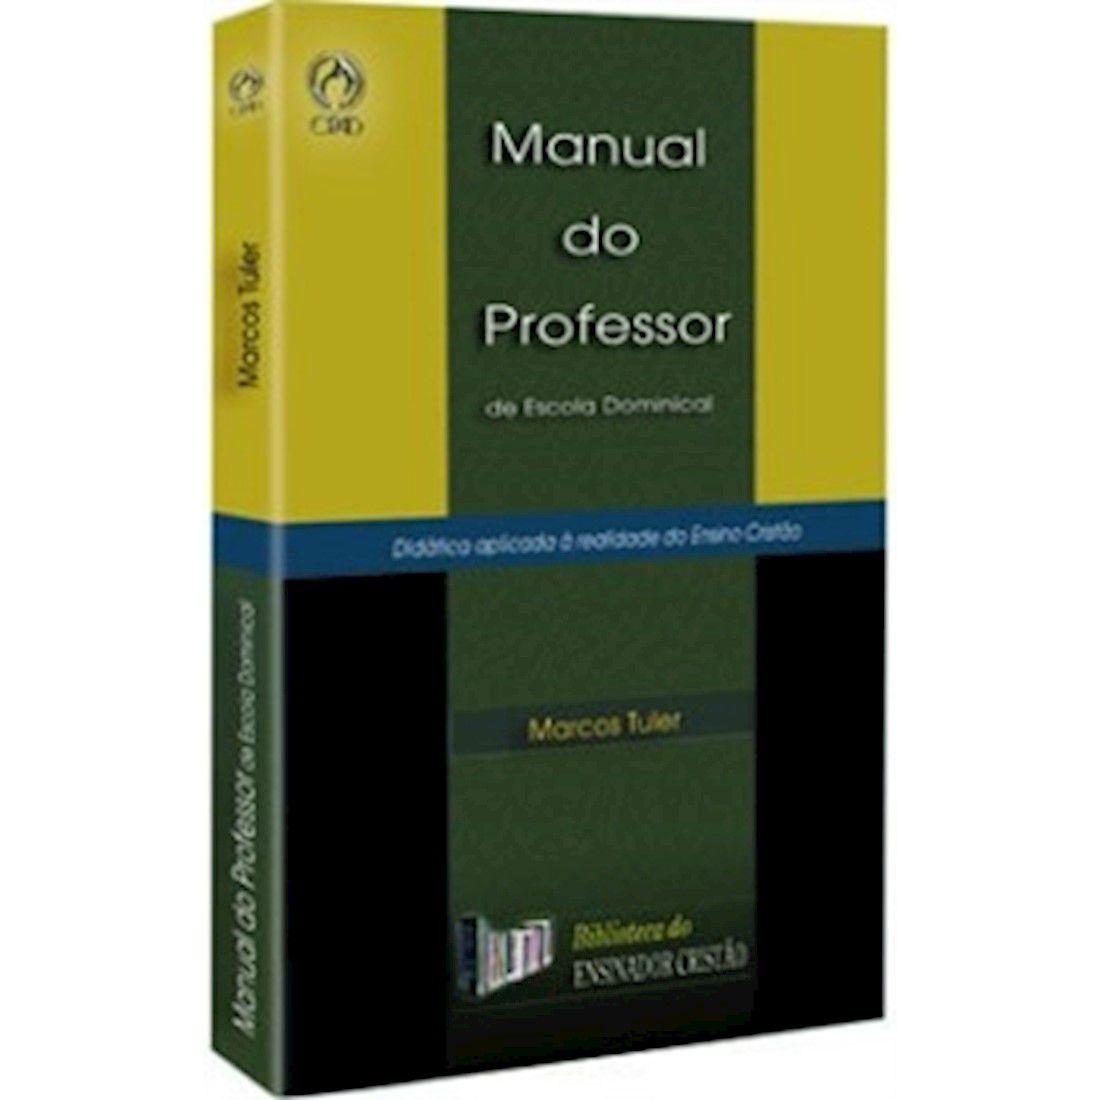 Livro Manual do Professor de Escola Dominical